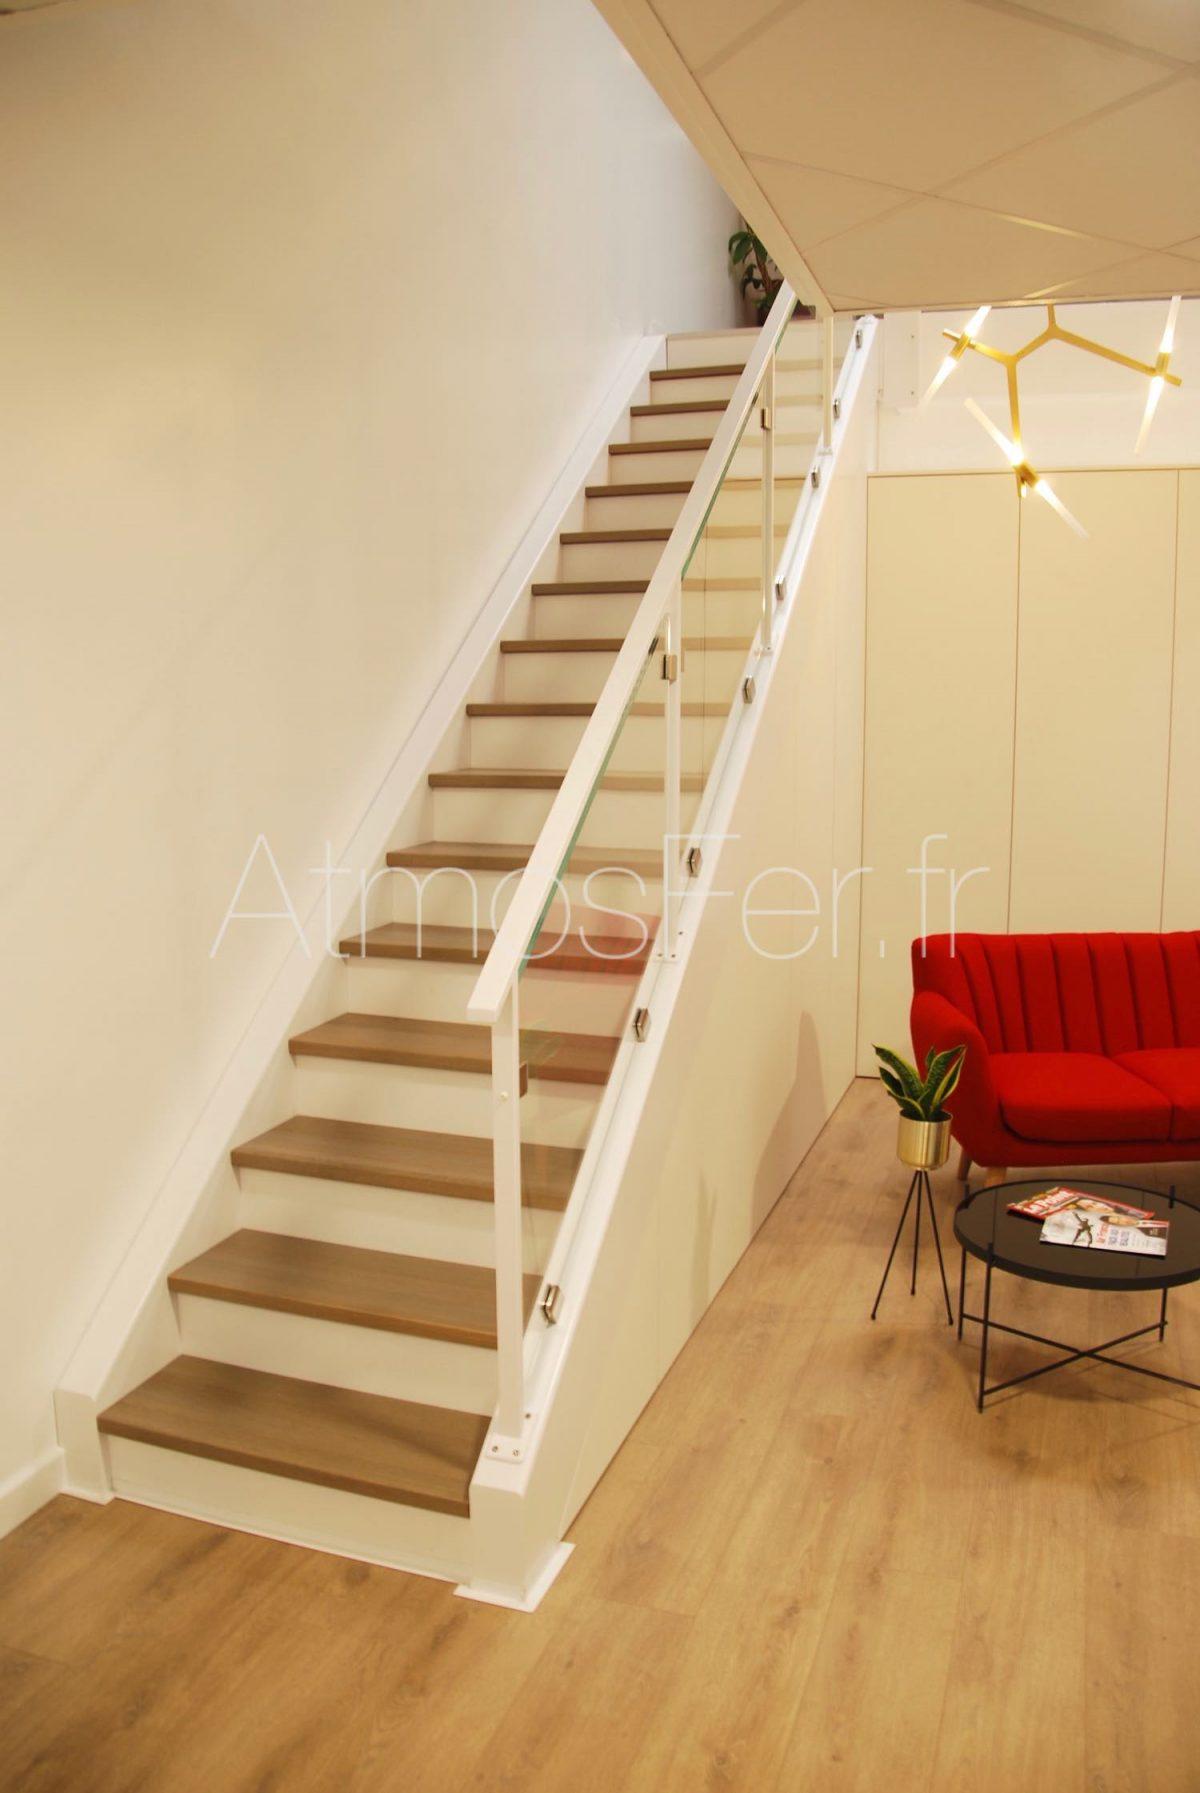 Escalier En Bois Avec Rangement escalier design thermolaqué blanc - design 2 - atmosfer